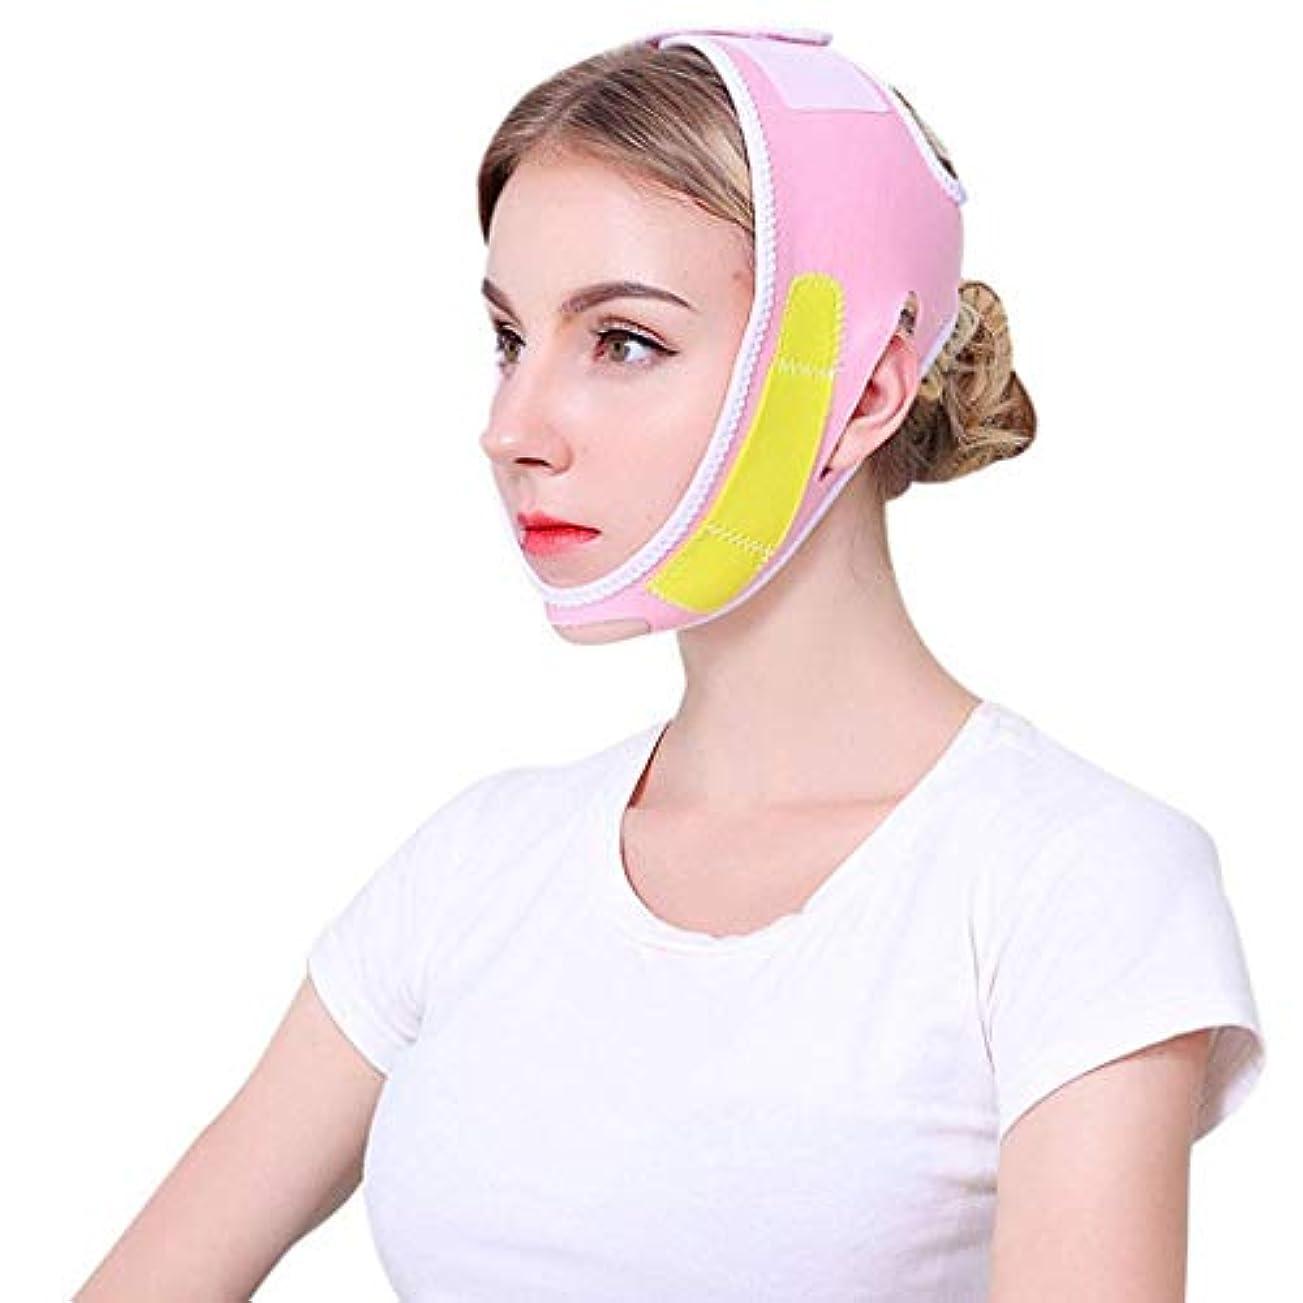 受け入れた考慮行商人HUYYA 女性の顔を持ち上げるベルト、Vライン頬 しわ防止包帯 二重あごの減量顔,Yellow_Large